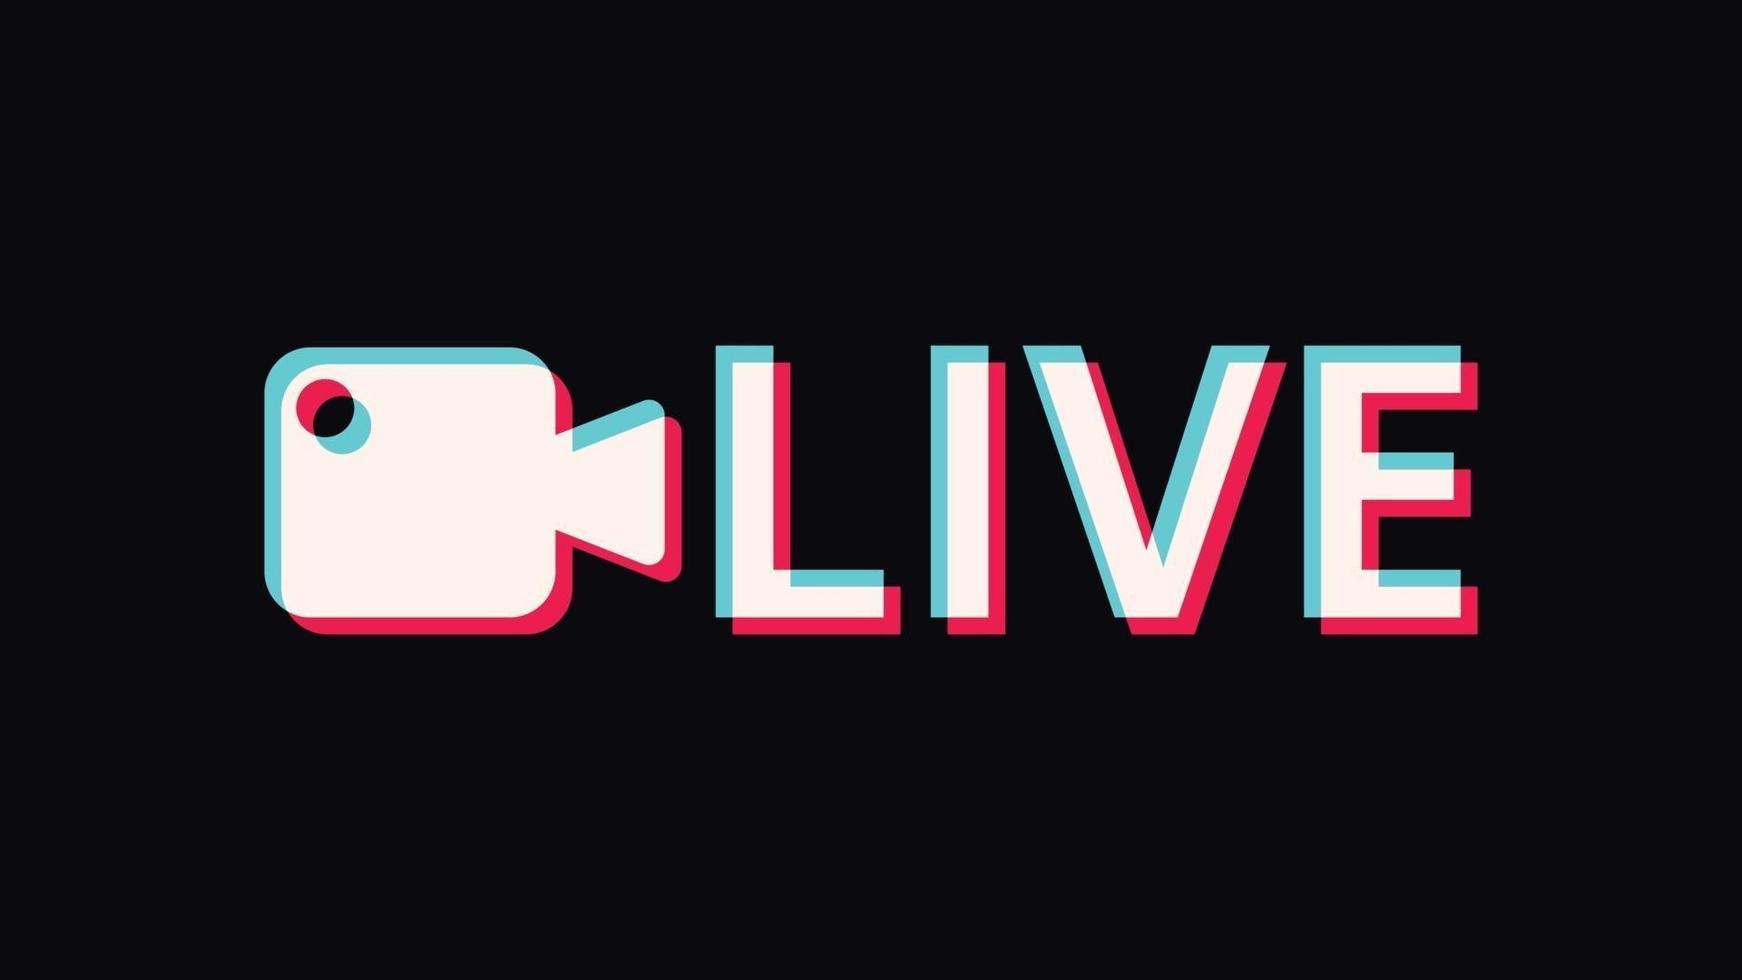 signe et logo en ligne en streaming en direct. conception d'art de texte. illustration vectorielle vecteur